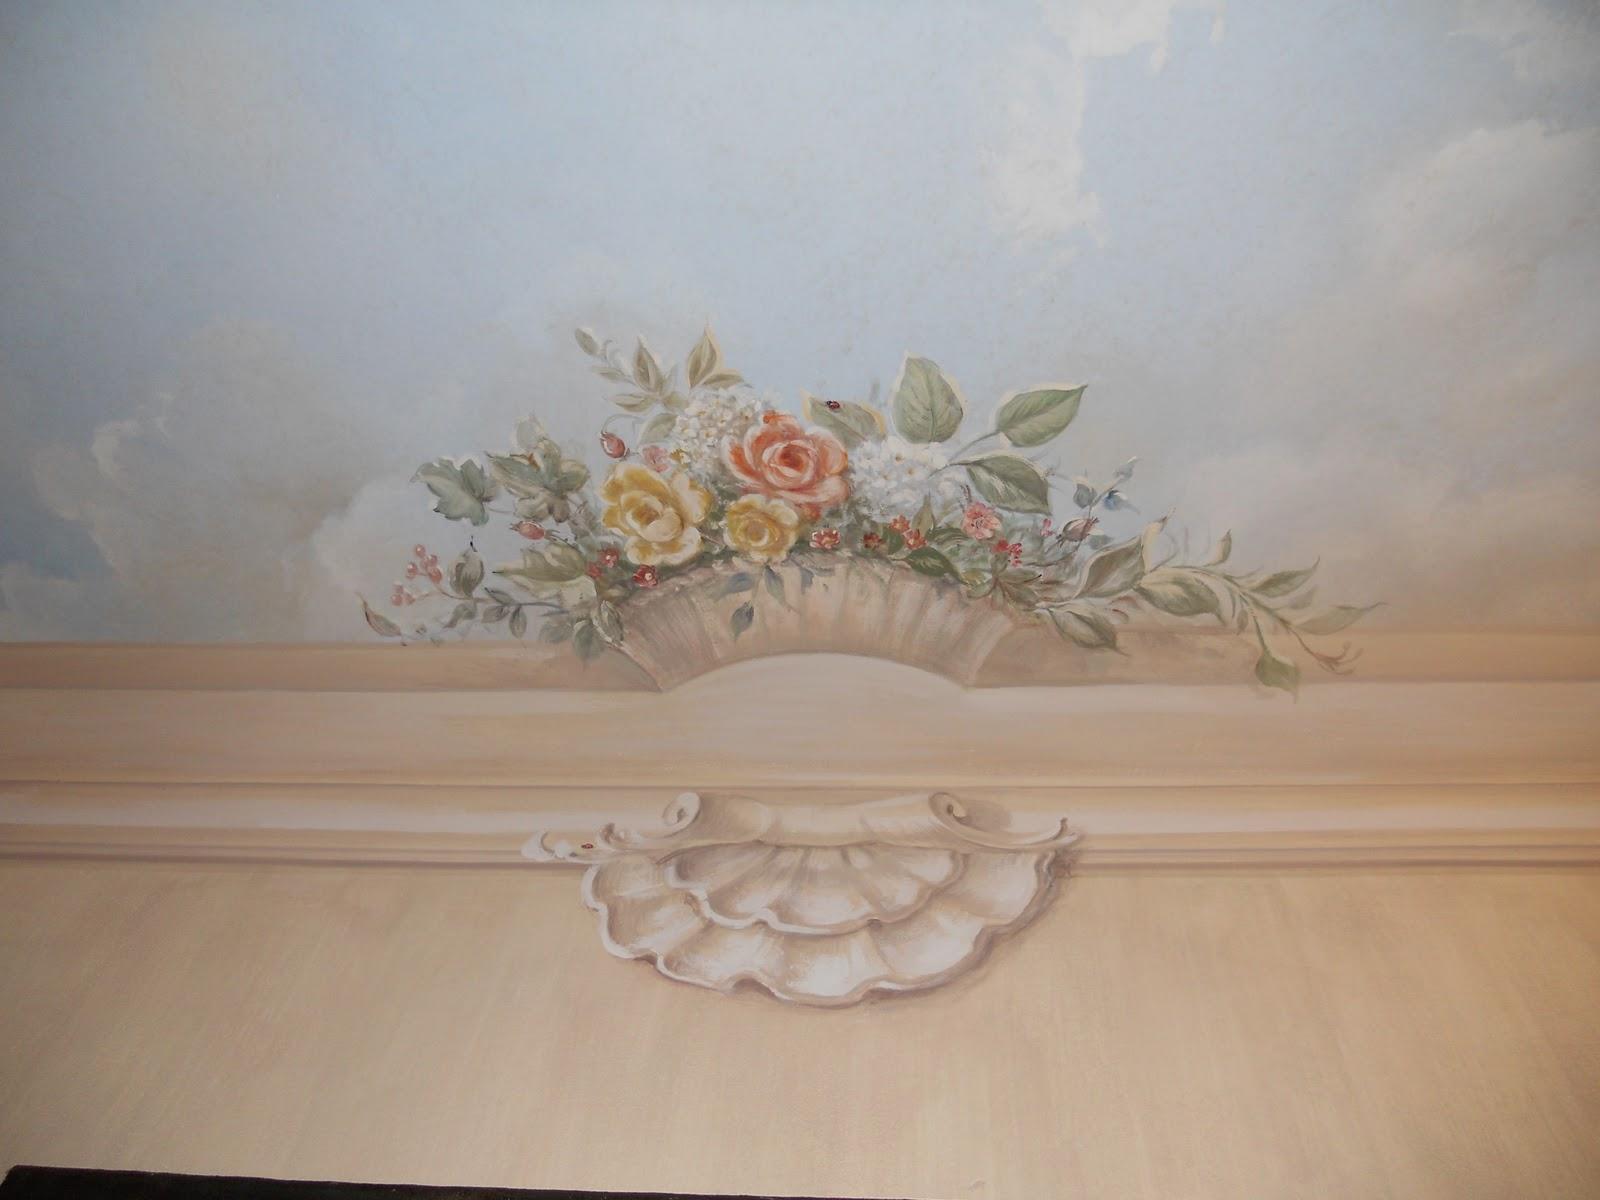 Il soffitto senza soffitto decorazioni pittoriche